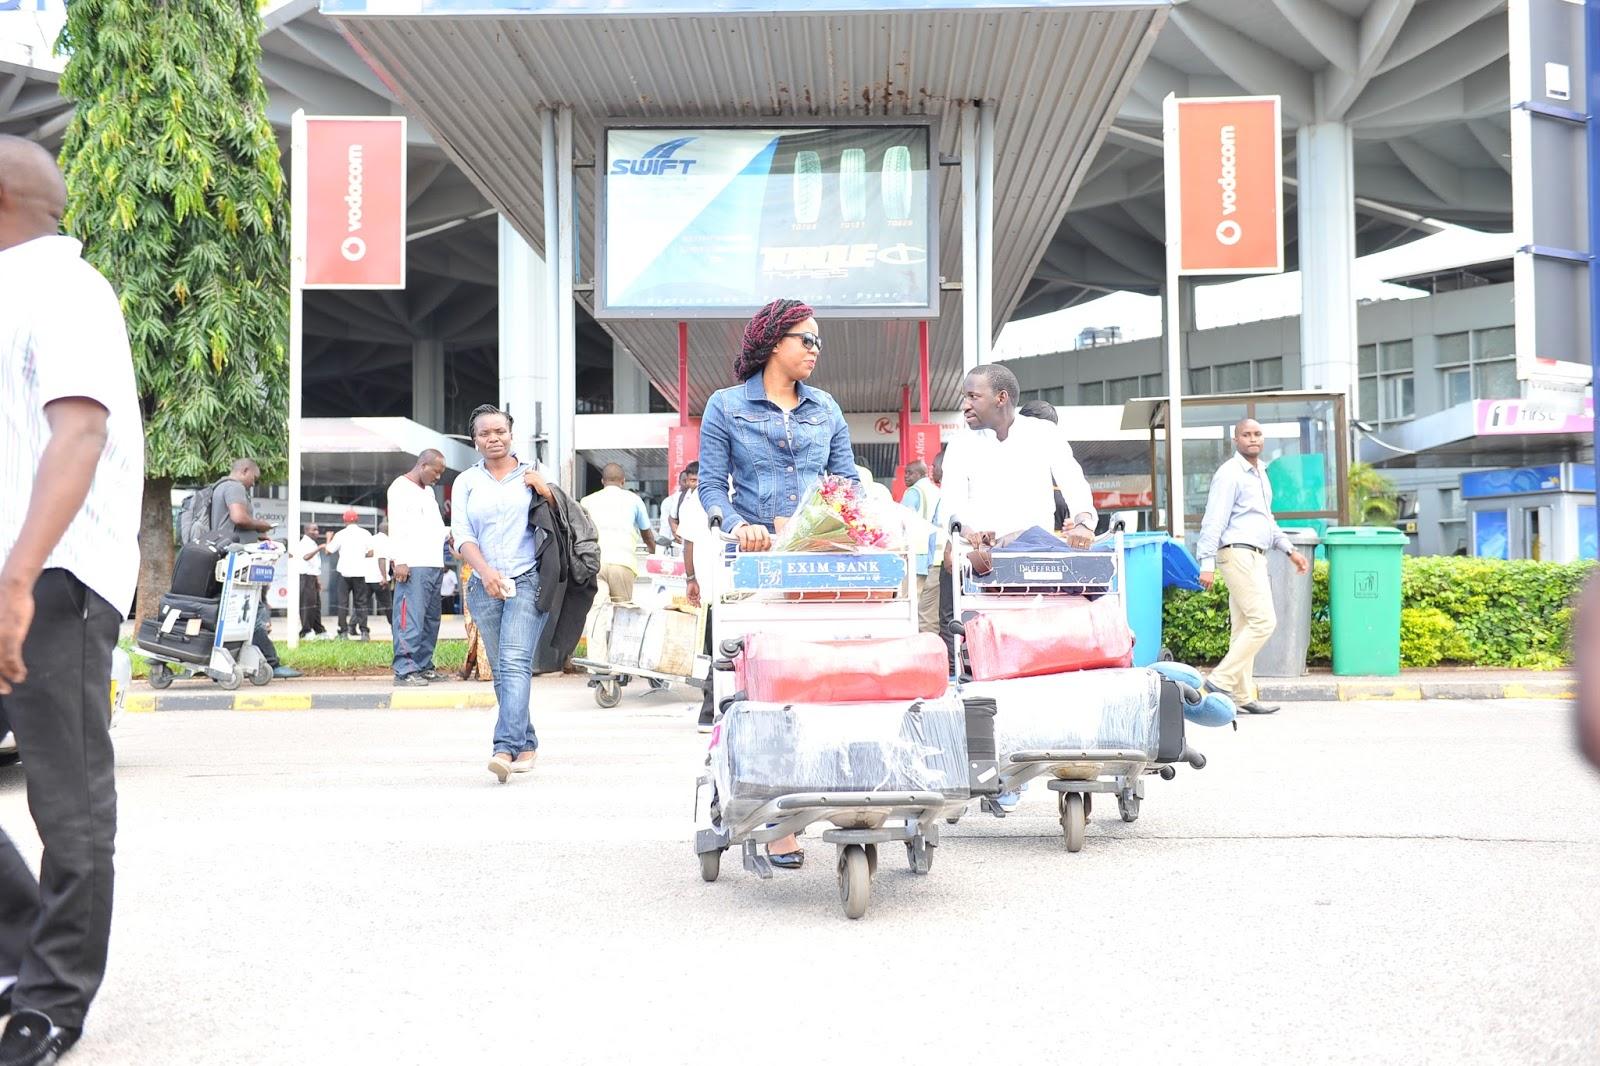 Washindi Wa Bahati Nasibu Dkt Tanzania Fiesta Condoms Warejea Kondom Neon Ultra Thin Strawberry Max Dotted And International Inapanga Kuzindua Aina Zingine 3 Za